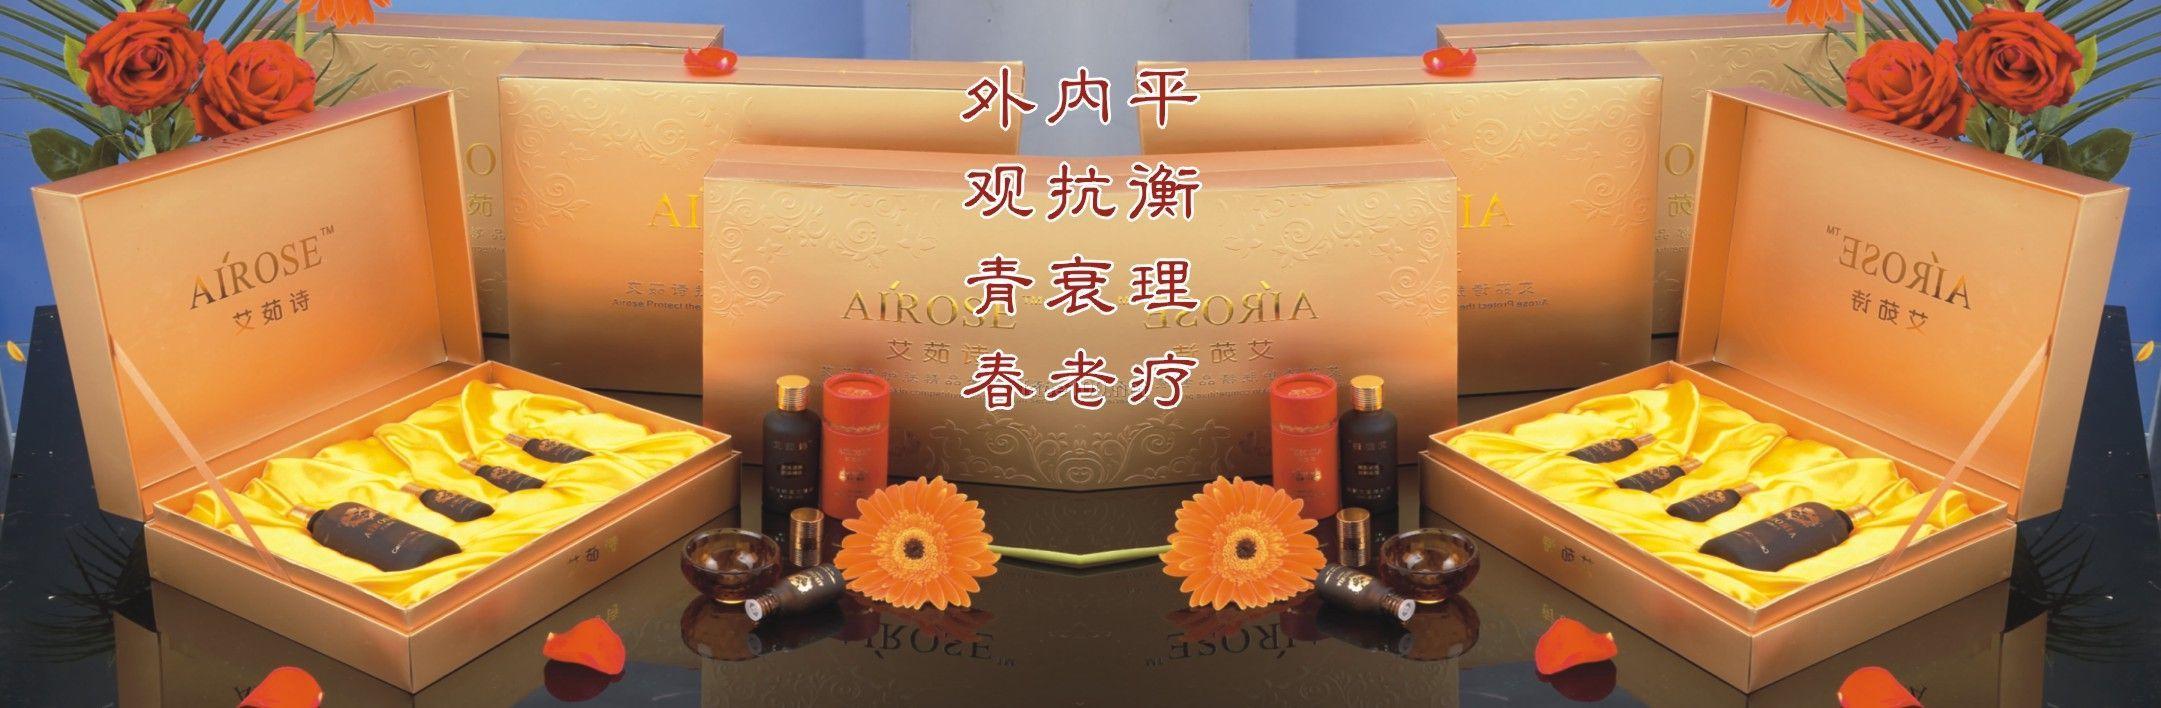 暖宫散寒本草养生组合(11件套)